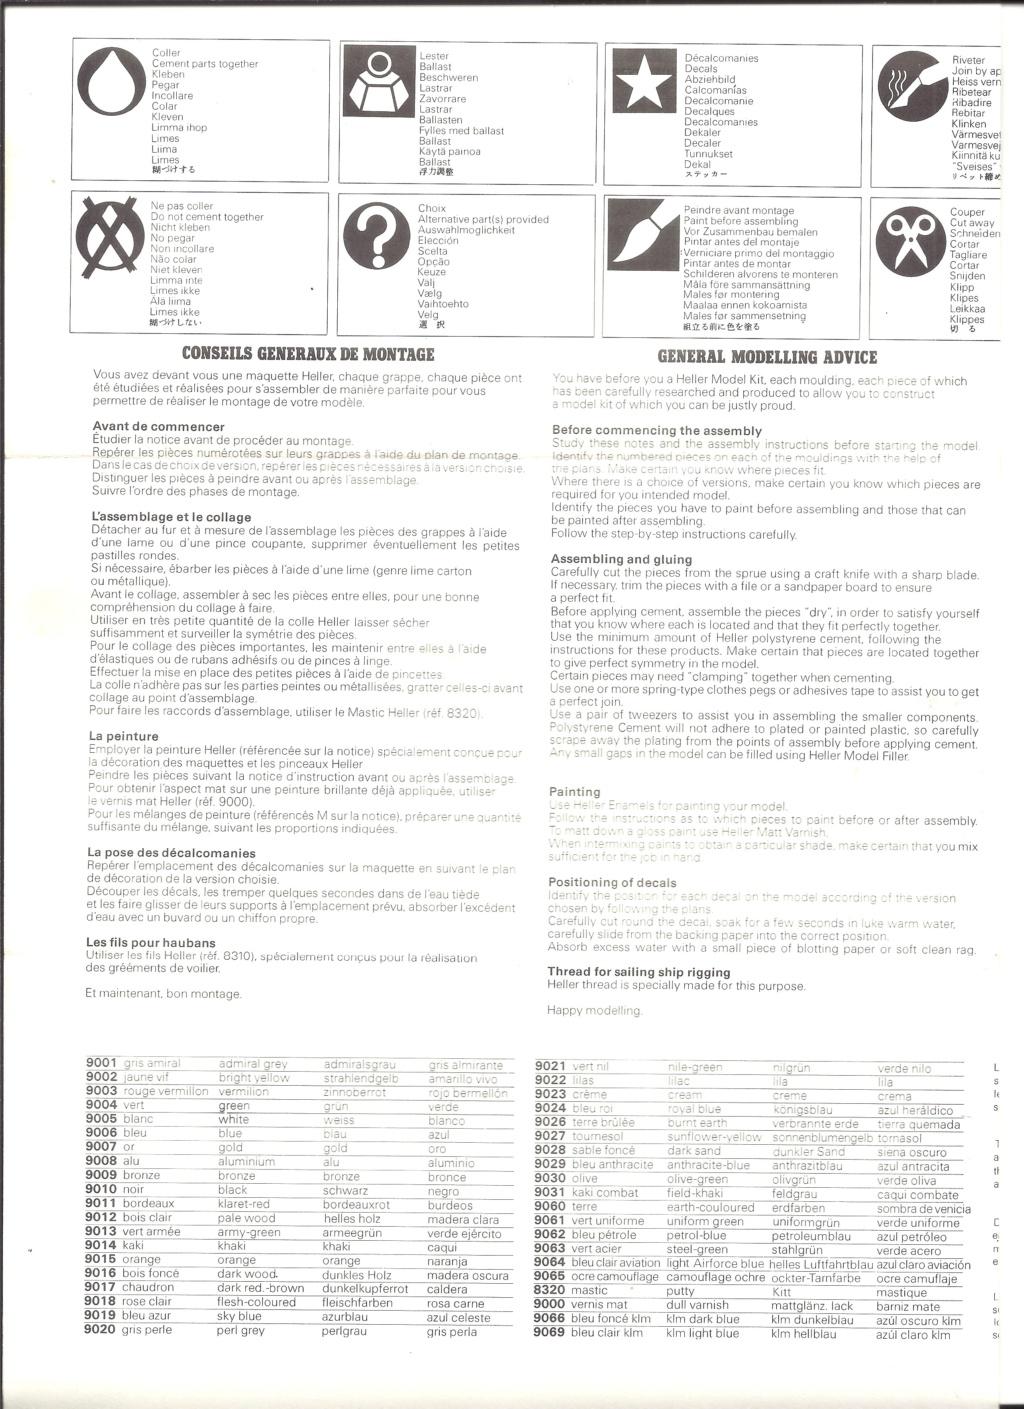 DASSAULT-BREGUET DORNIER ALPHA JET 1/72ème Ref 257 Notice Helle653